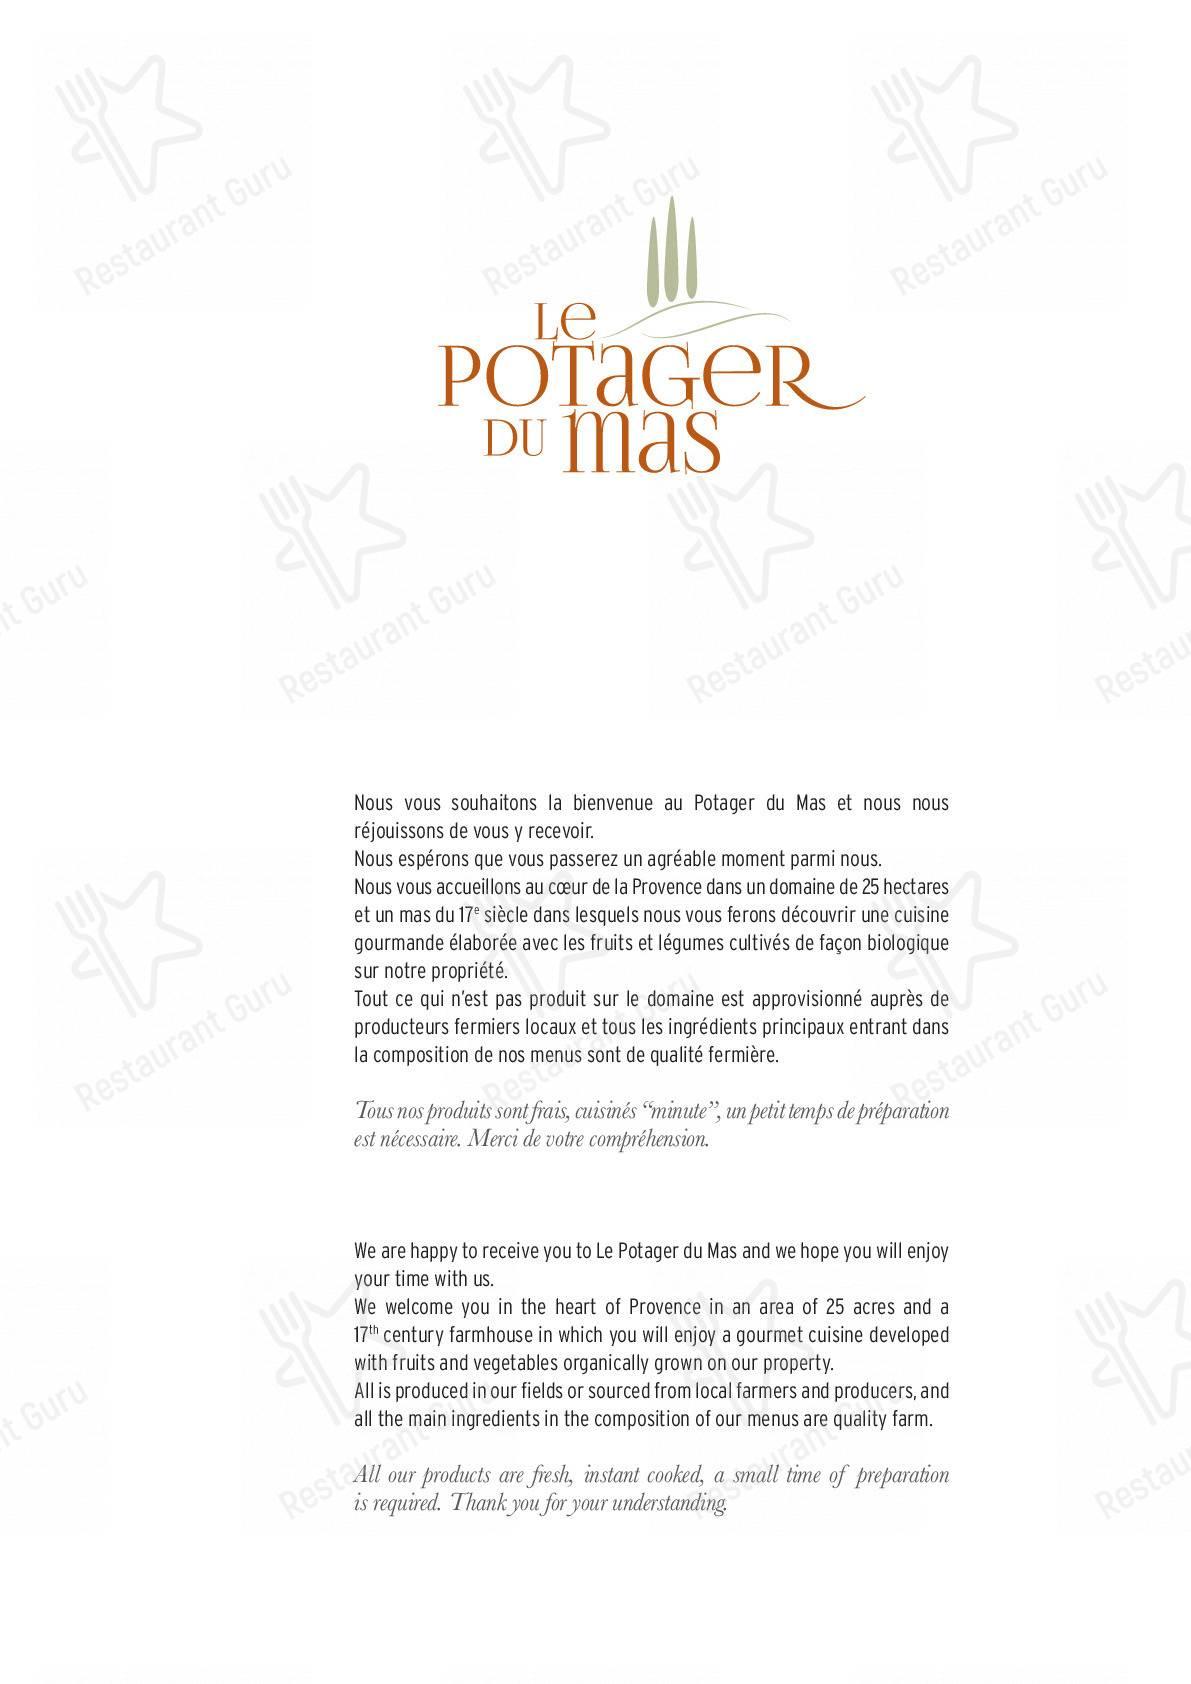 Check out the menu for Le Potager du Mas